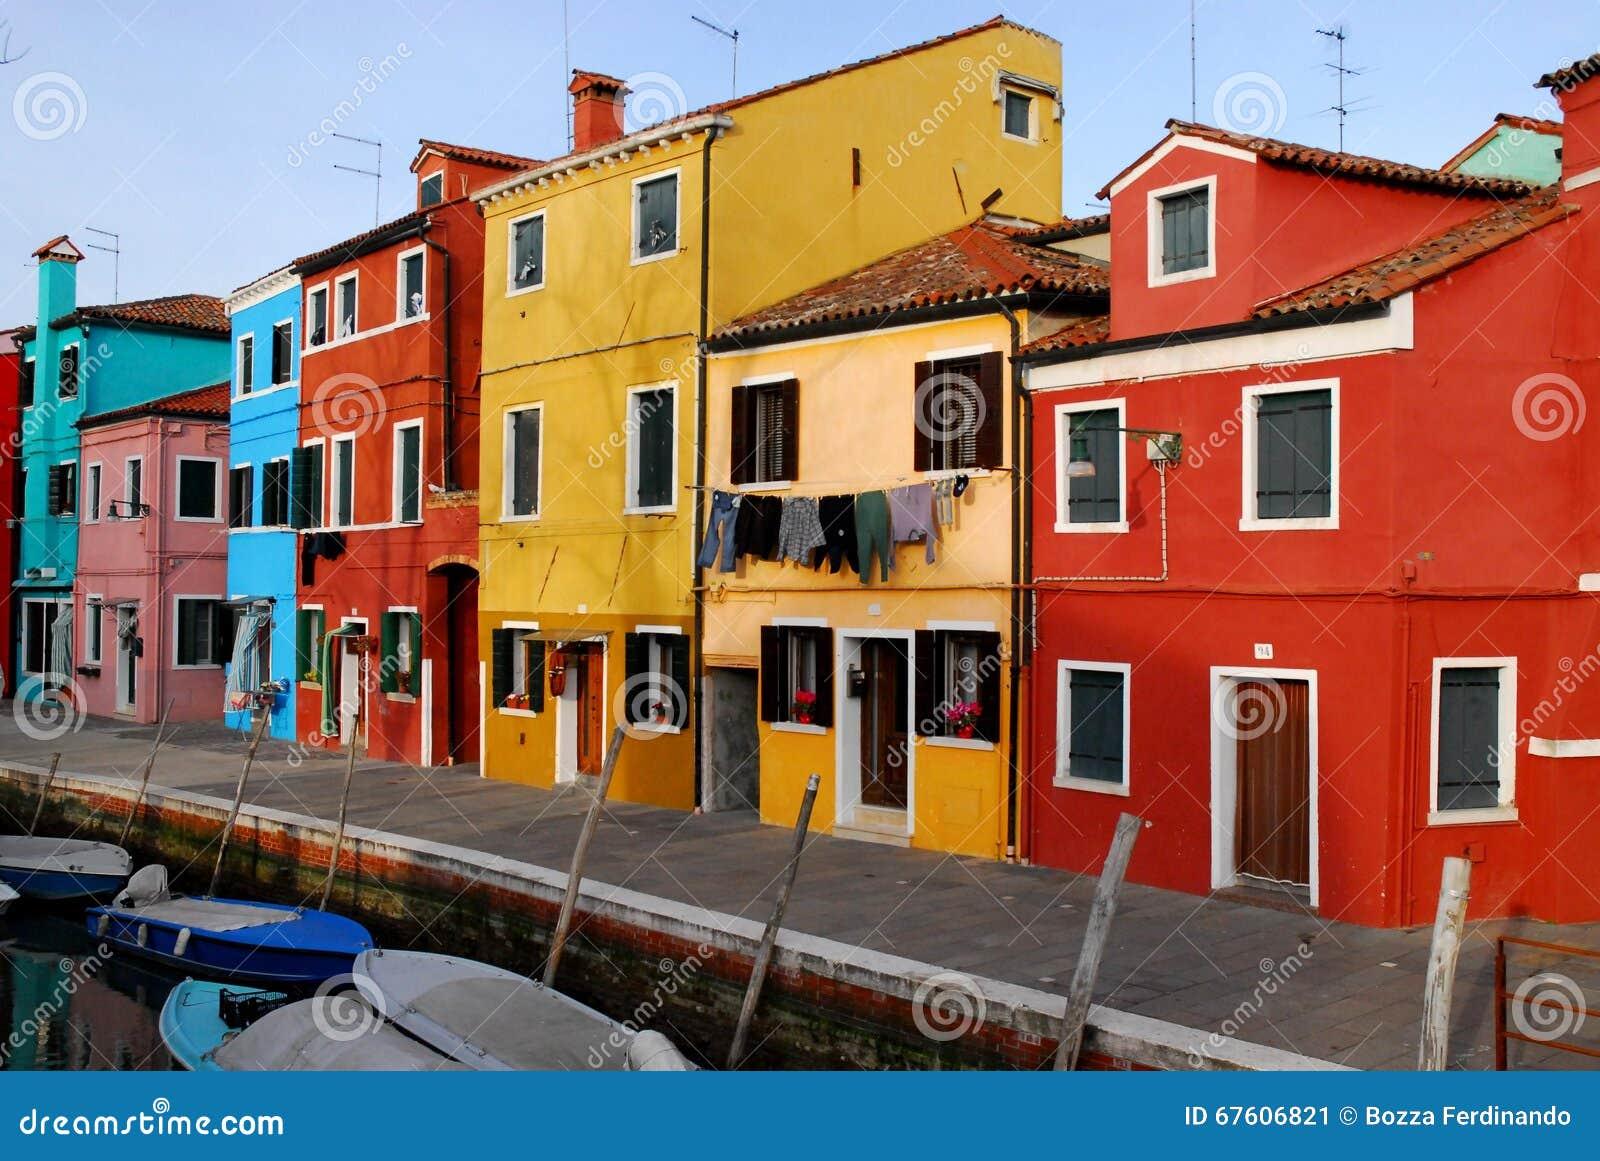 Canal com barcos e casas de muitas cores e roupa a secar em Burano em Veneza em Itália